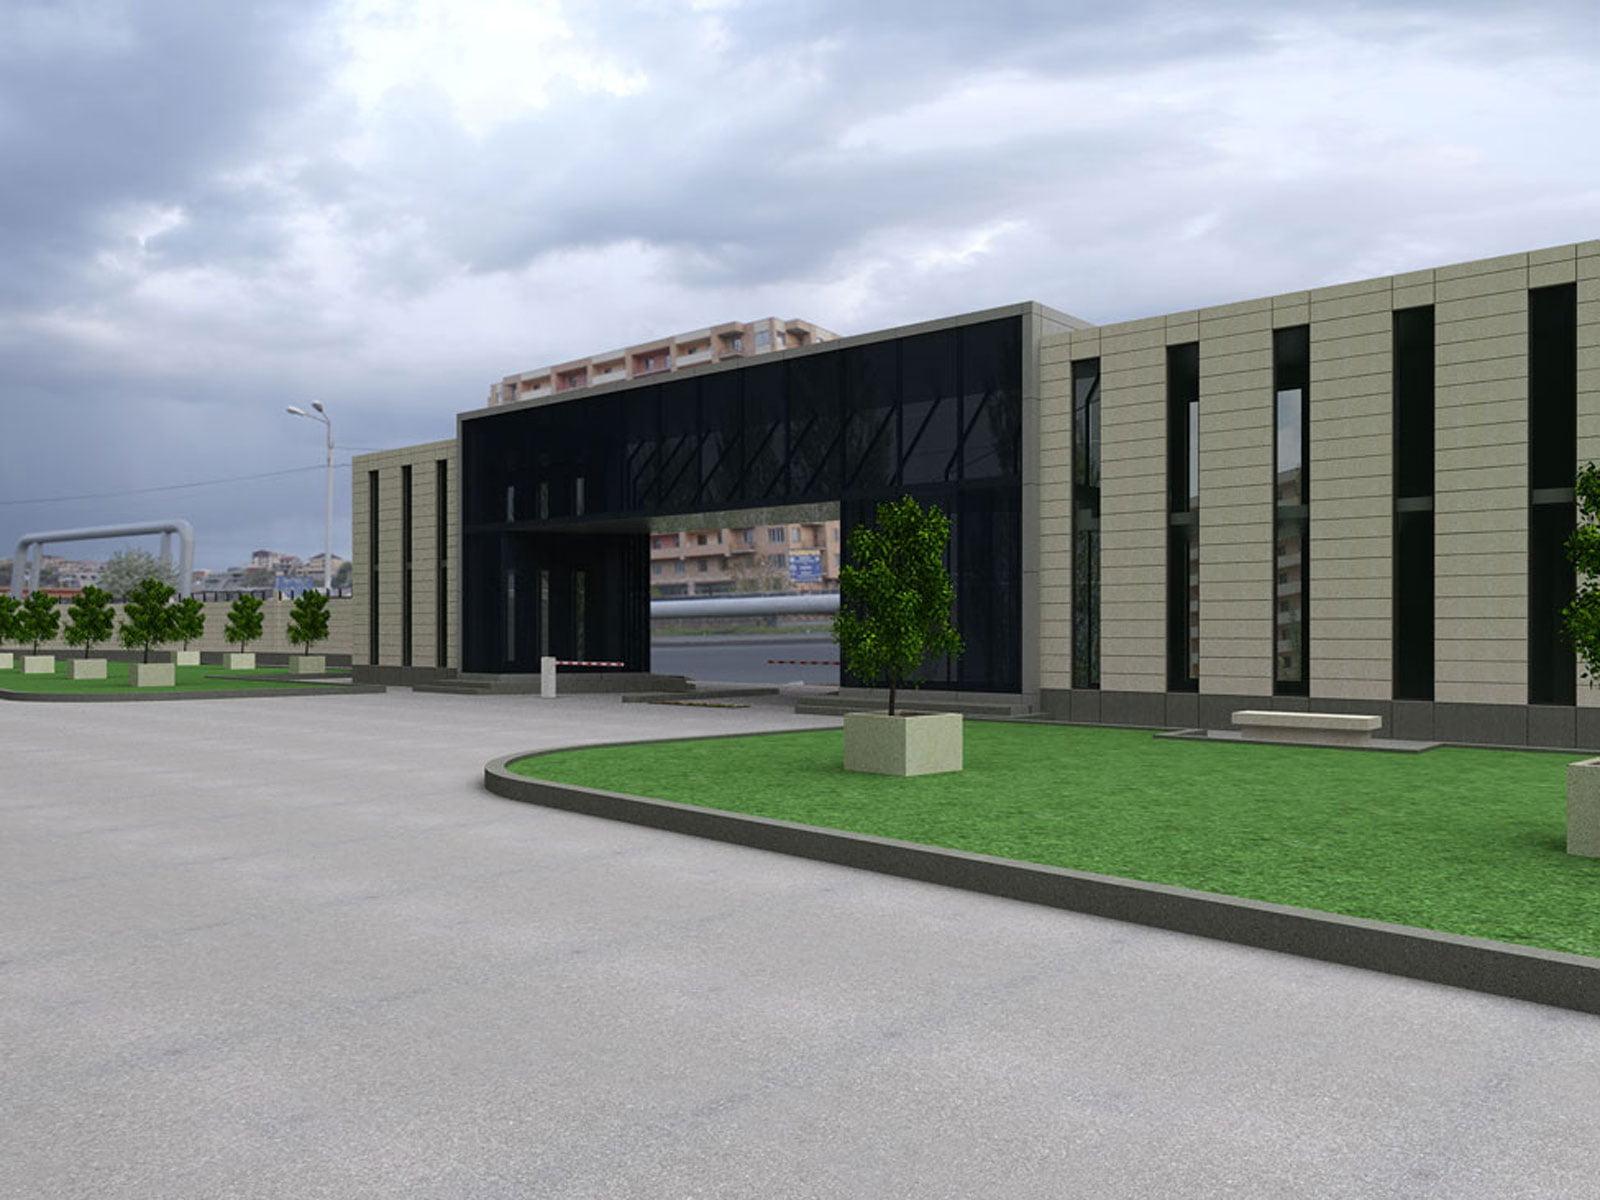 kartinka vizualizatsii proyekta rekonstruktsii zdaniya Armenia-TV Vid na zdaniye obshchiy 1